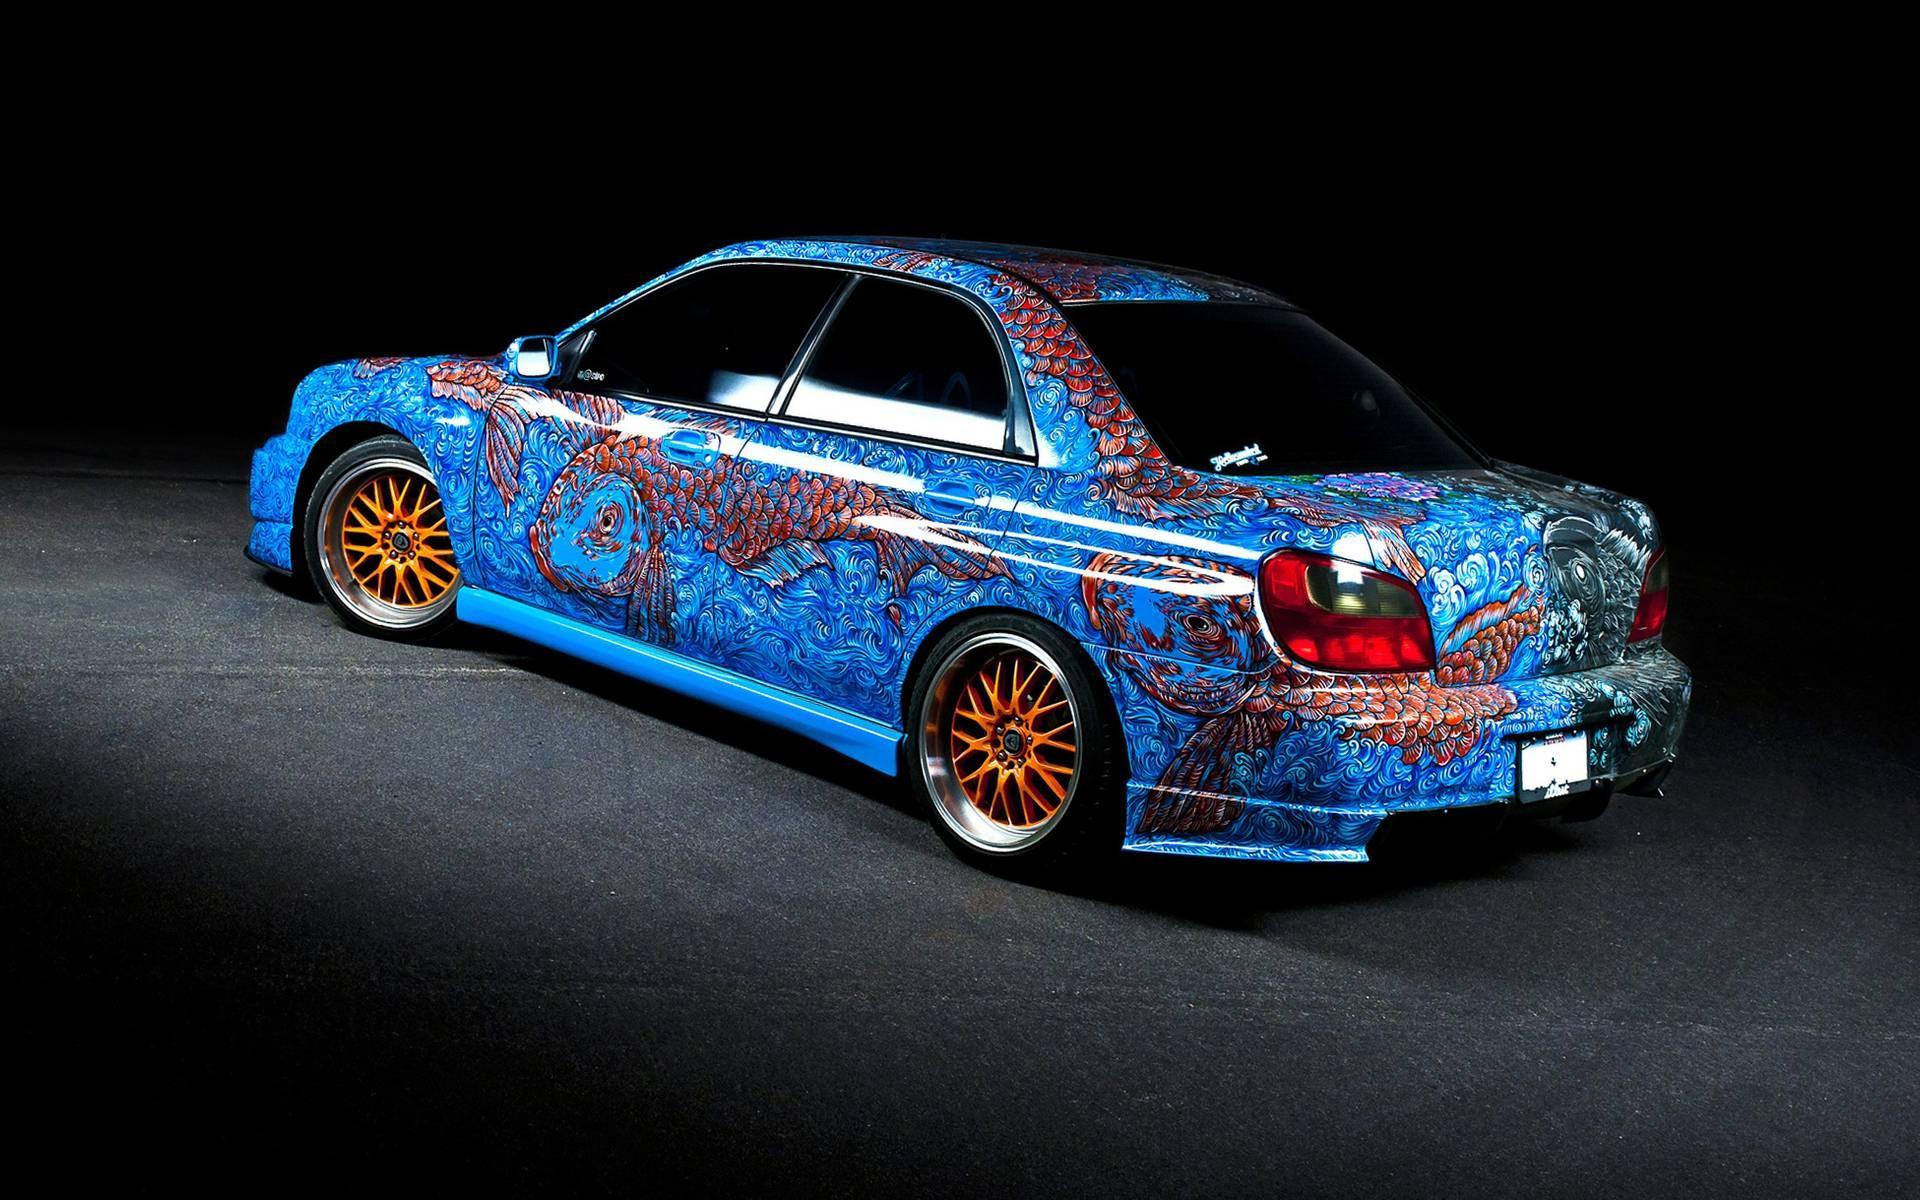 HD Subaru Wrx Sti Wallpaper | Download Free – 136917